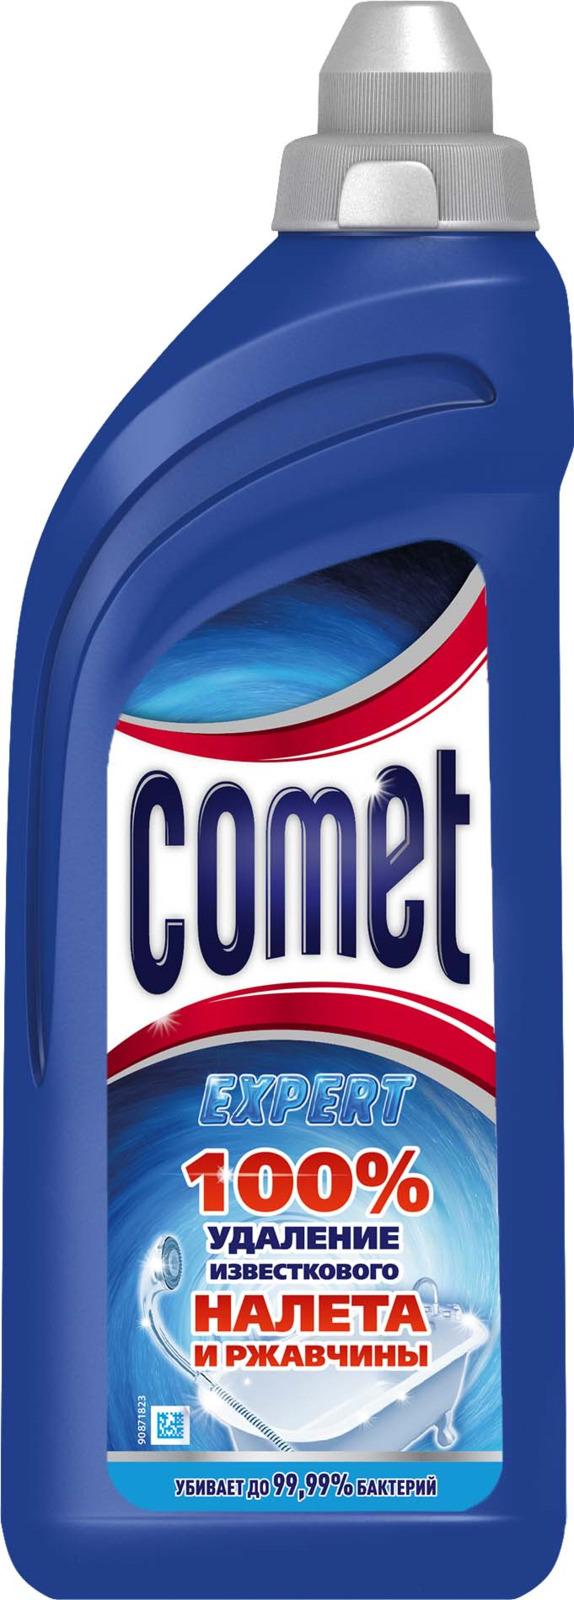 Гель чистящий Comet, для ванной комнаты, 500 мл comet чистящий гель лимон 500мл